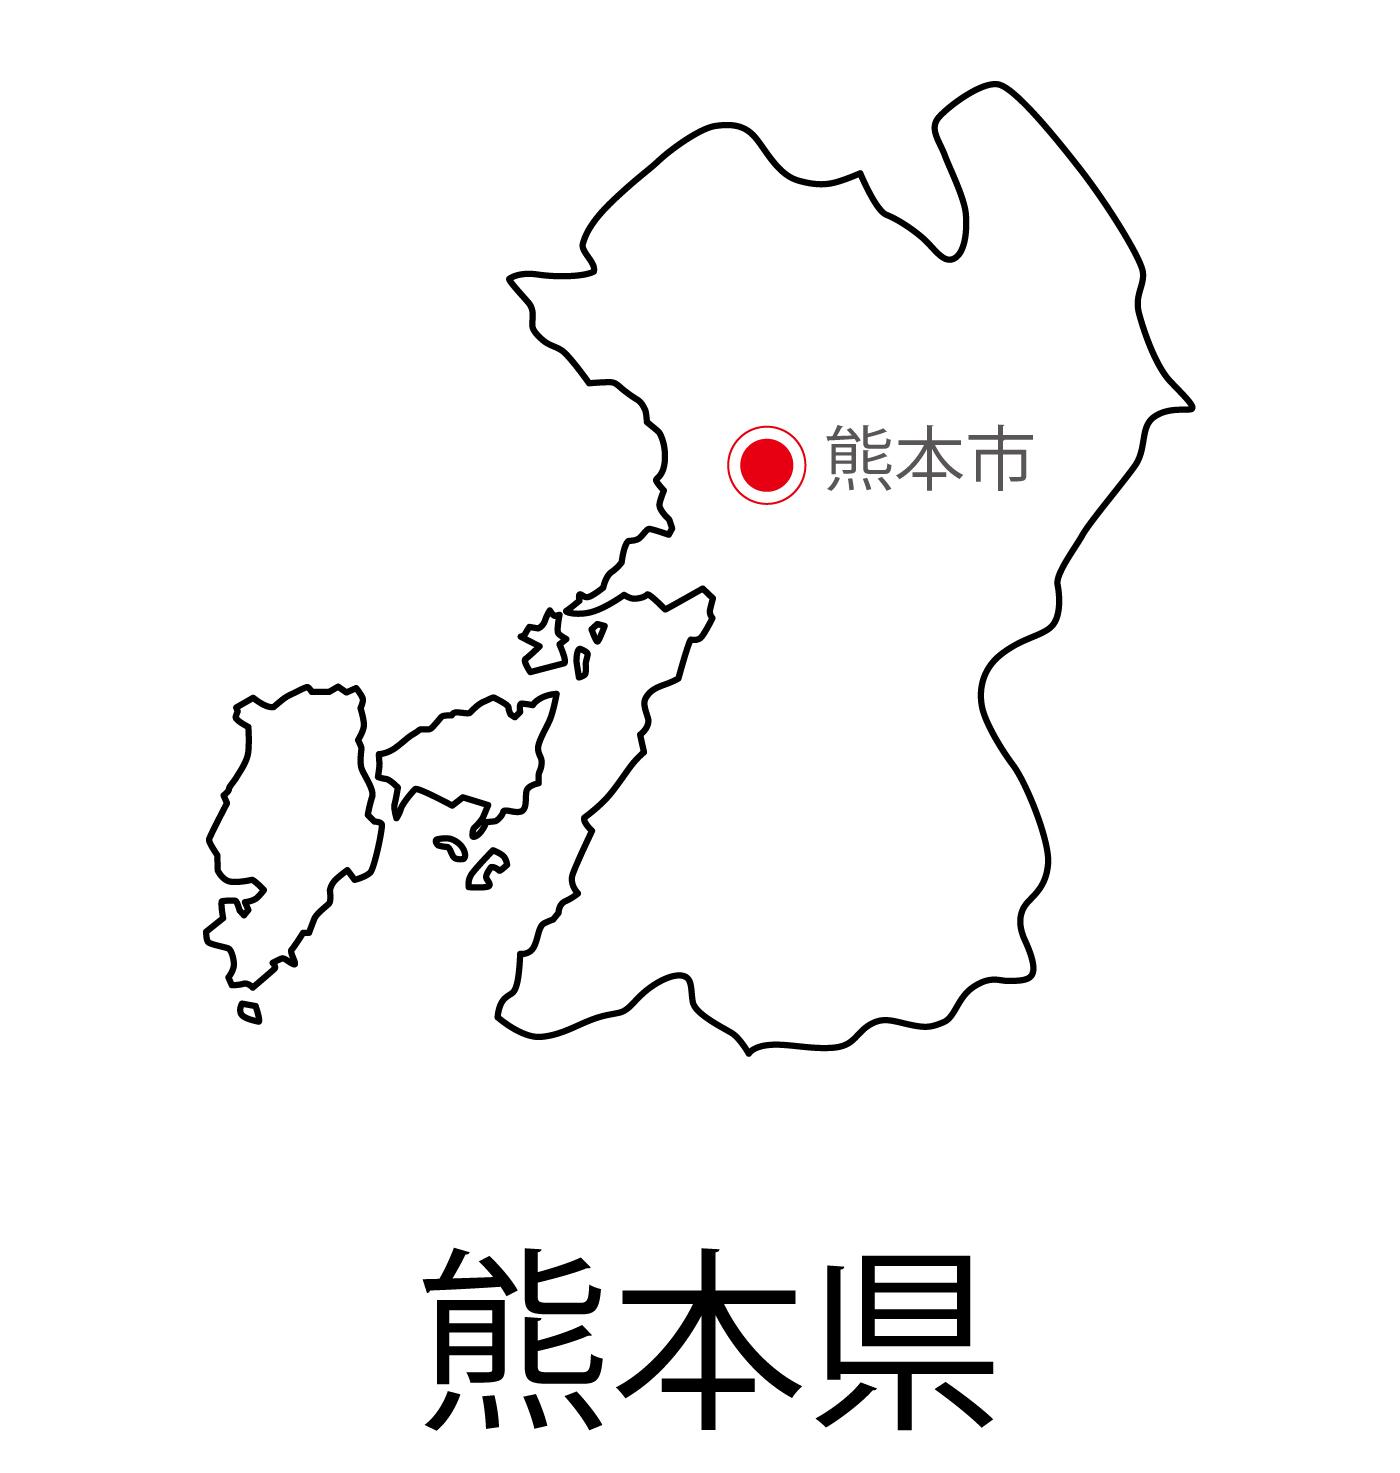 熊本県無料フリーイラスト|日本語・都道府県名あり・県庁所在地あり(白)